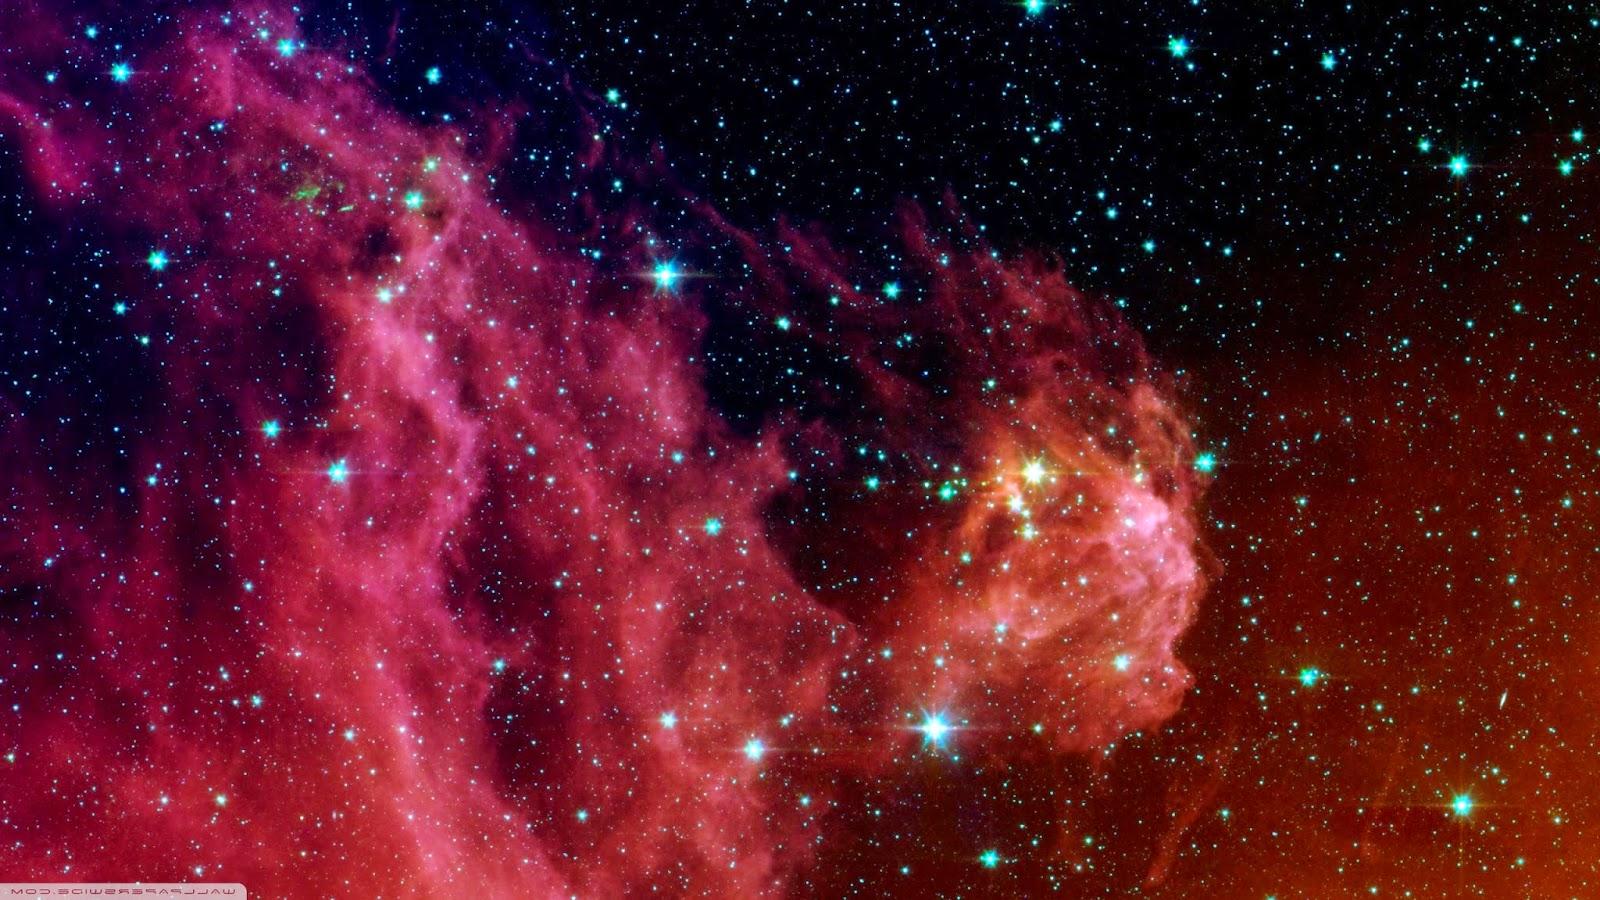 Galaxy Wallpaper Free Download Galaxy Wallpaper 2560x1440